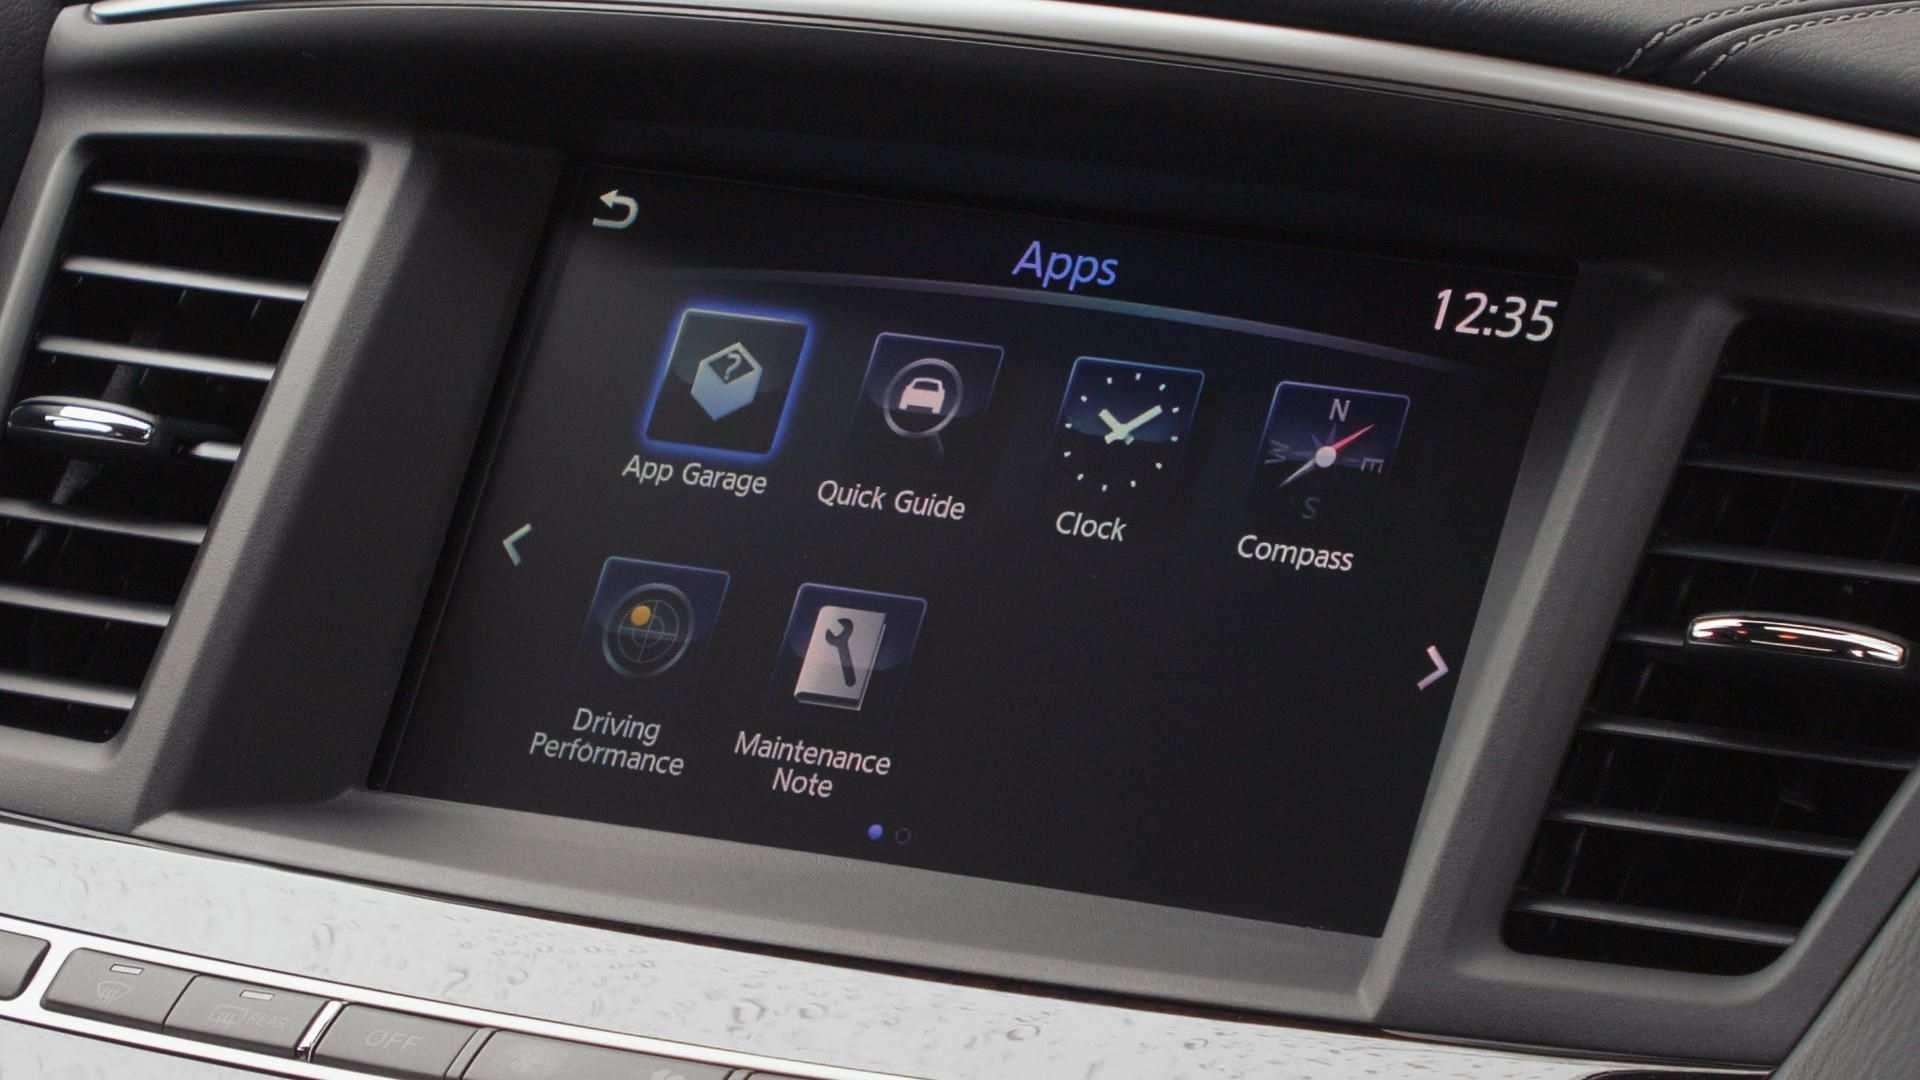 63 All New Infiniti Apple Carplay 2020 First Drive with Infiniti Apple Carplay 2020